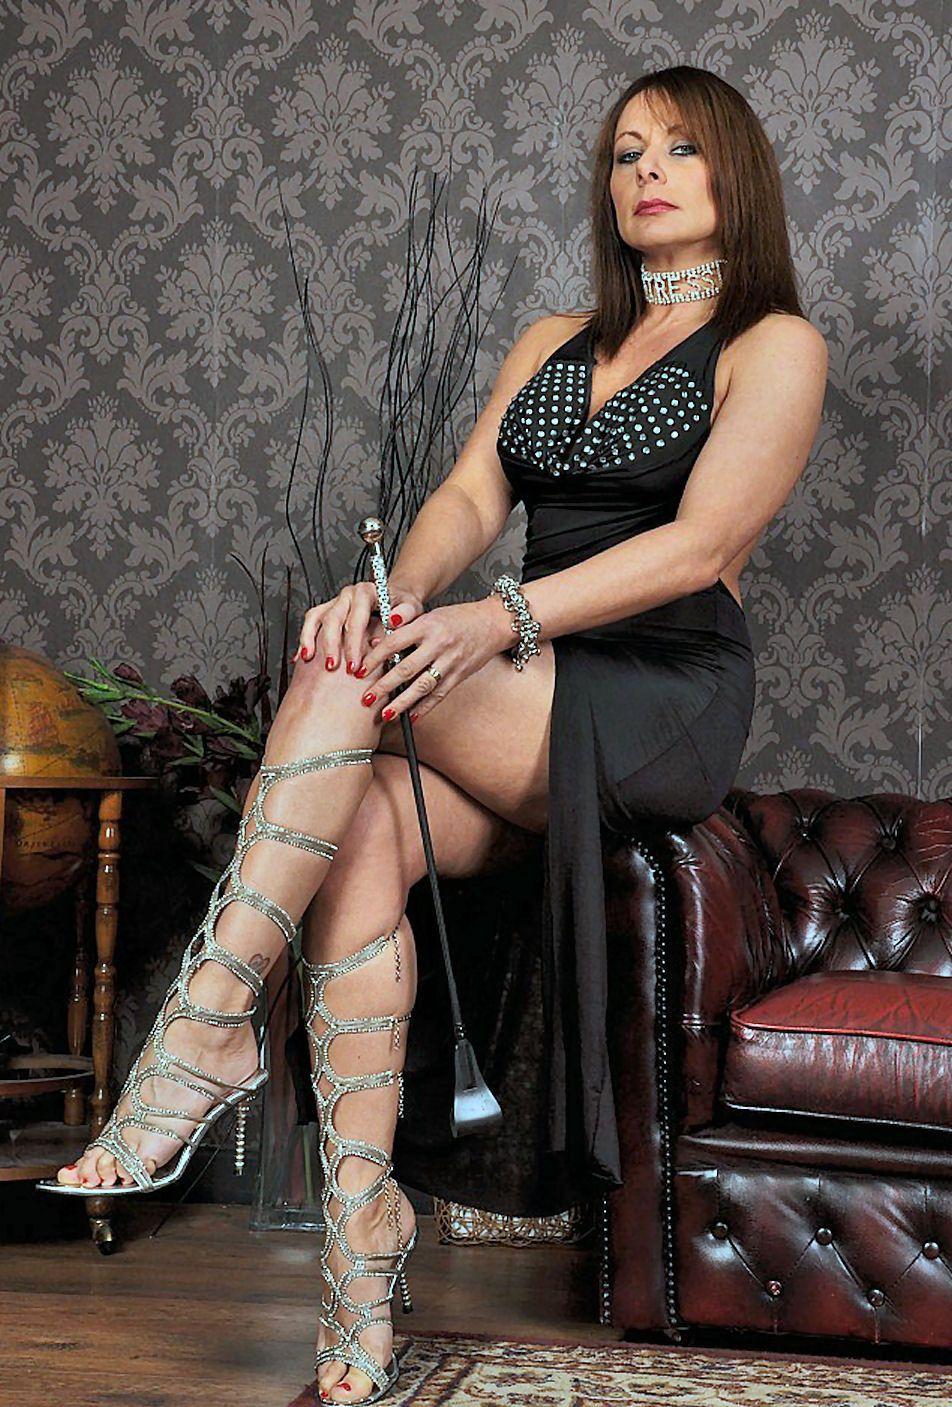 Mistress Carly naked 765